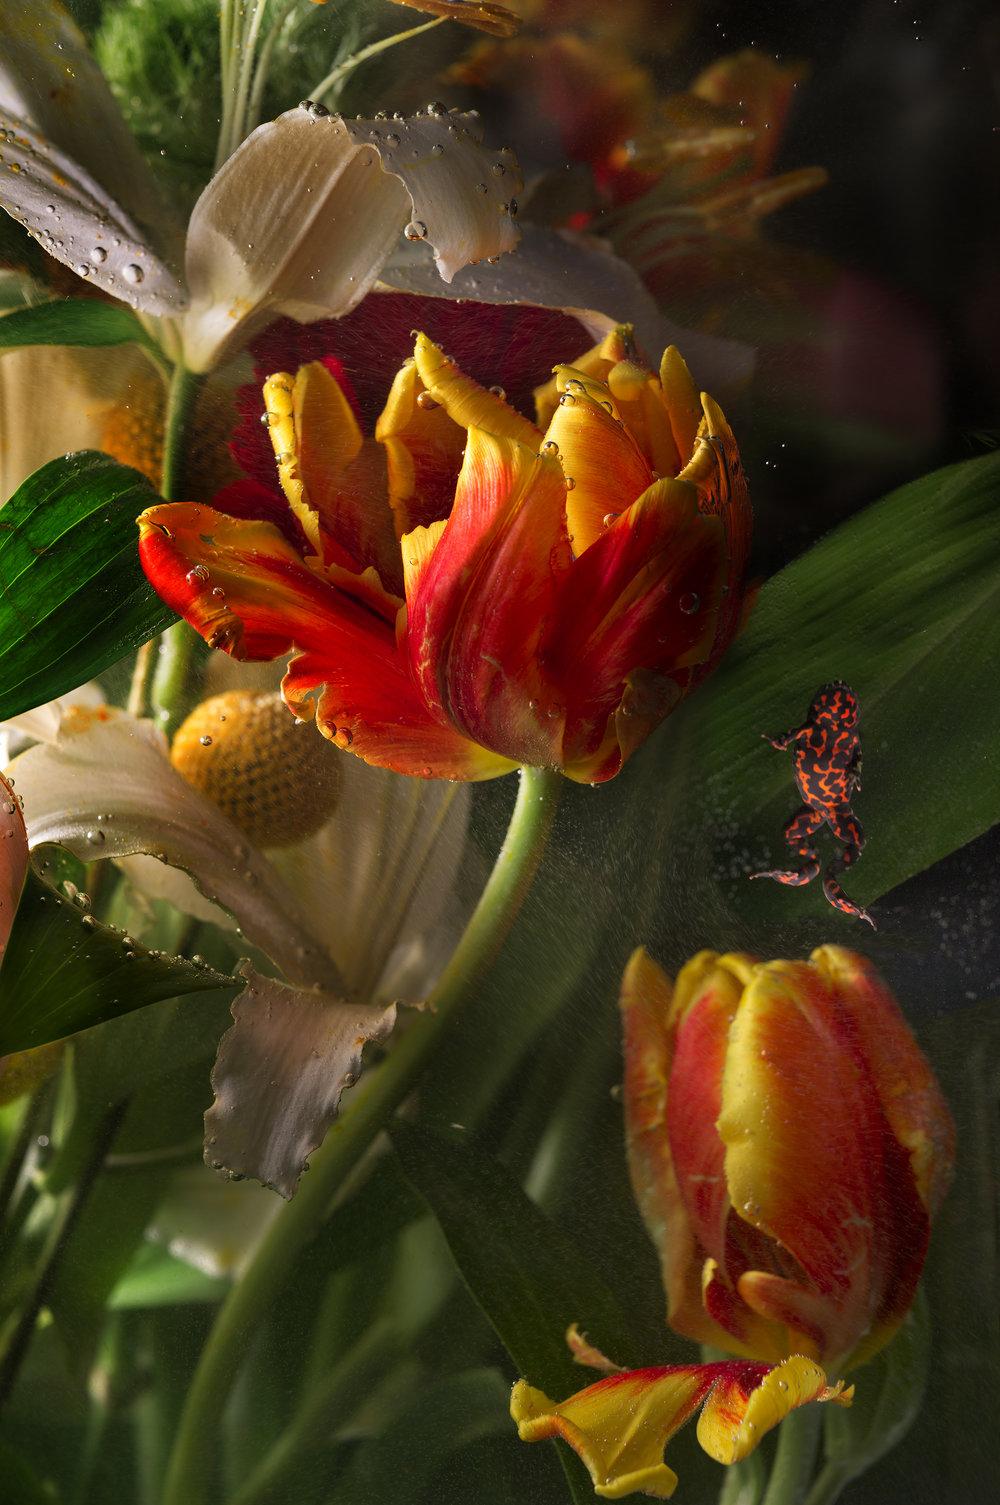 Flowers & Frog II